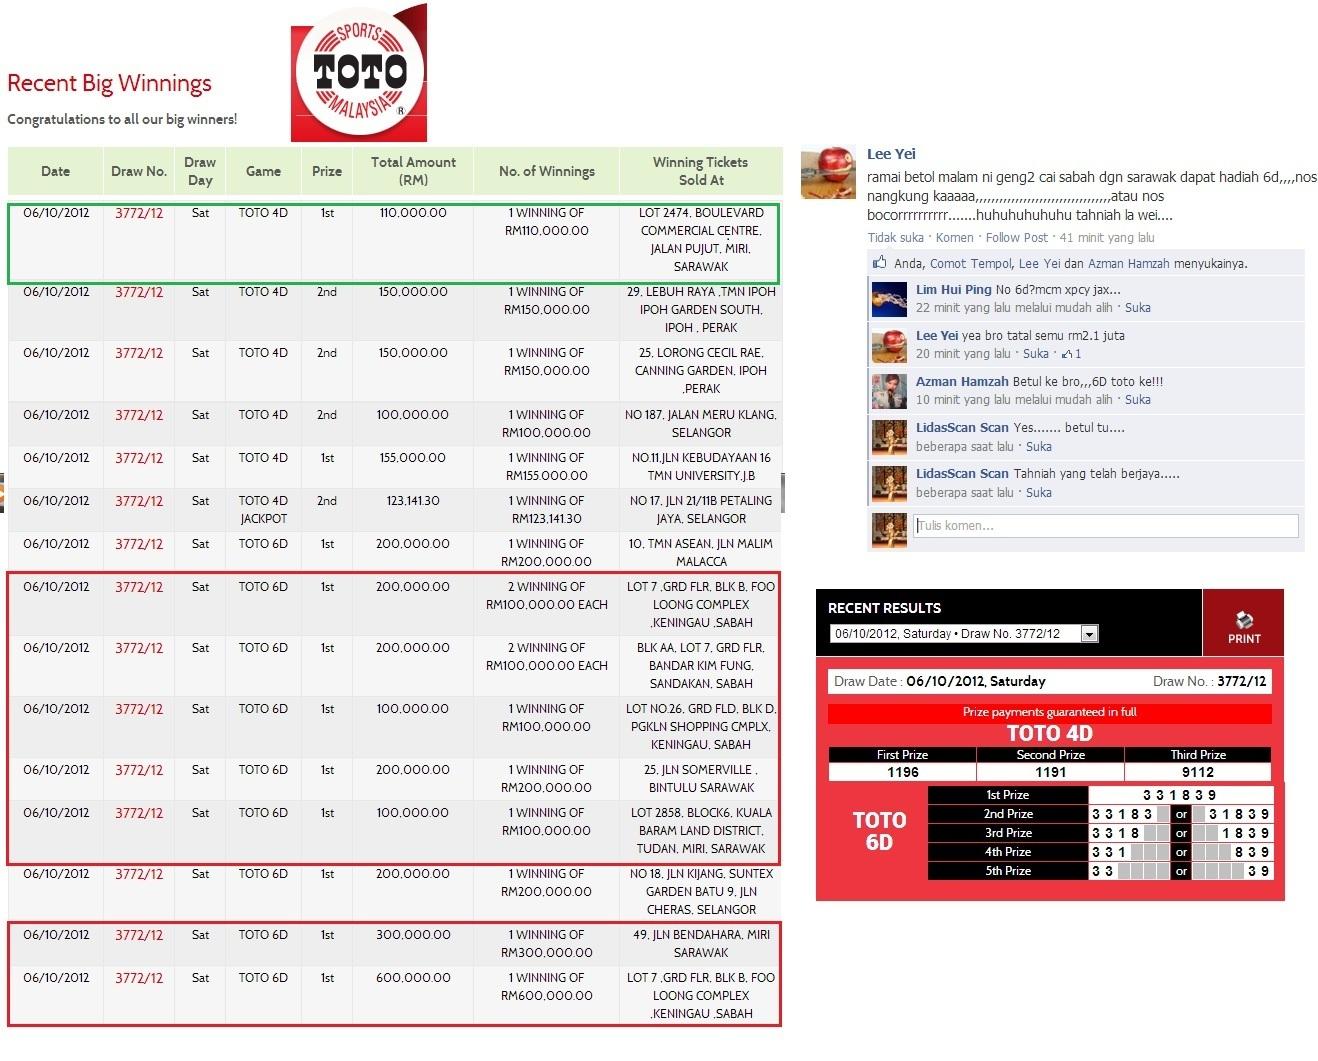 Prediksi Togel Singapura Hari Ini 02 Desember 2012